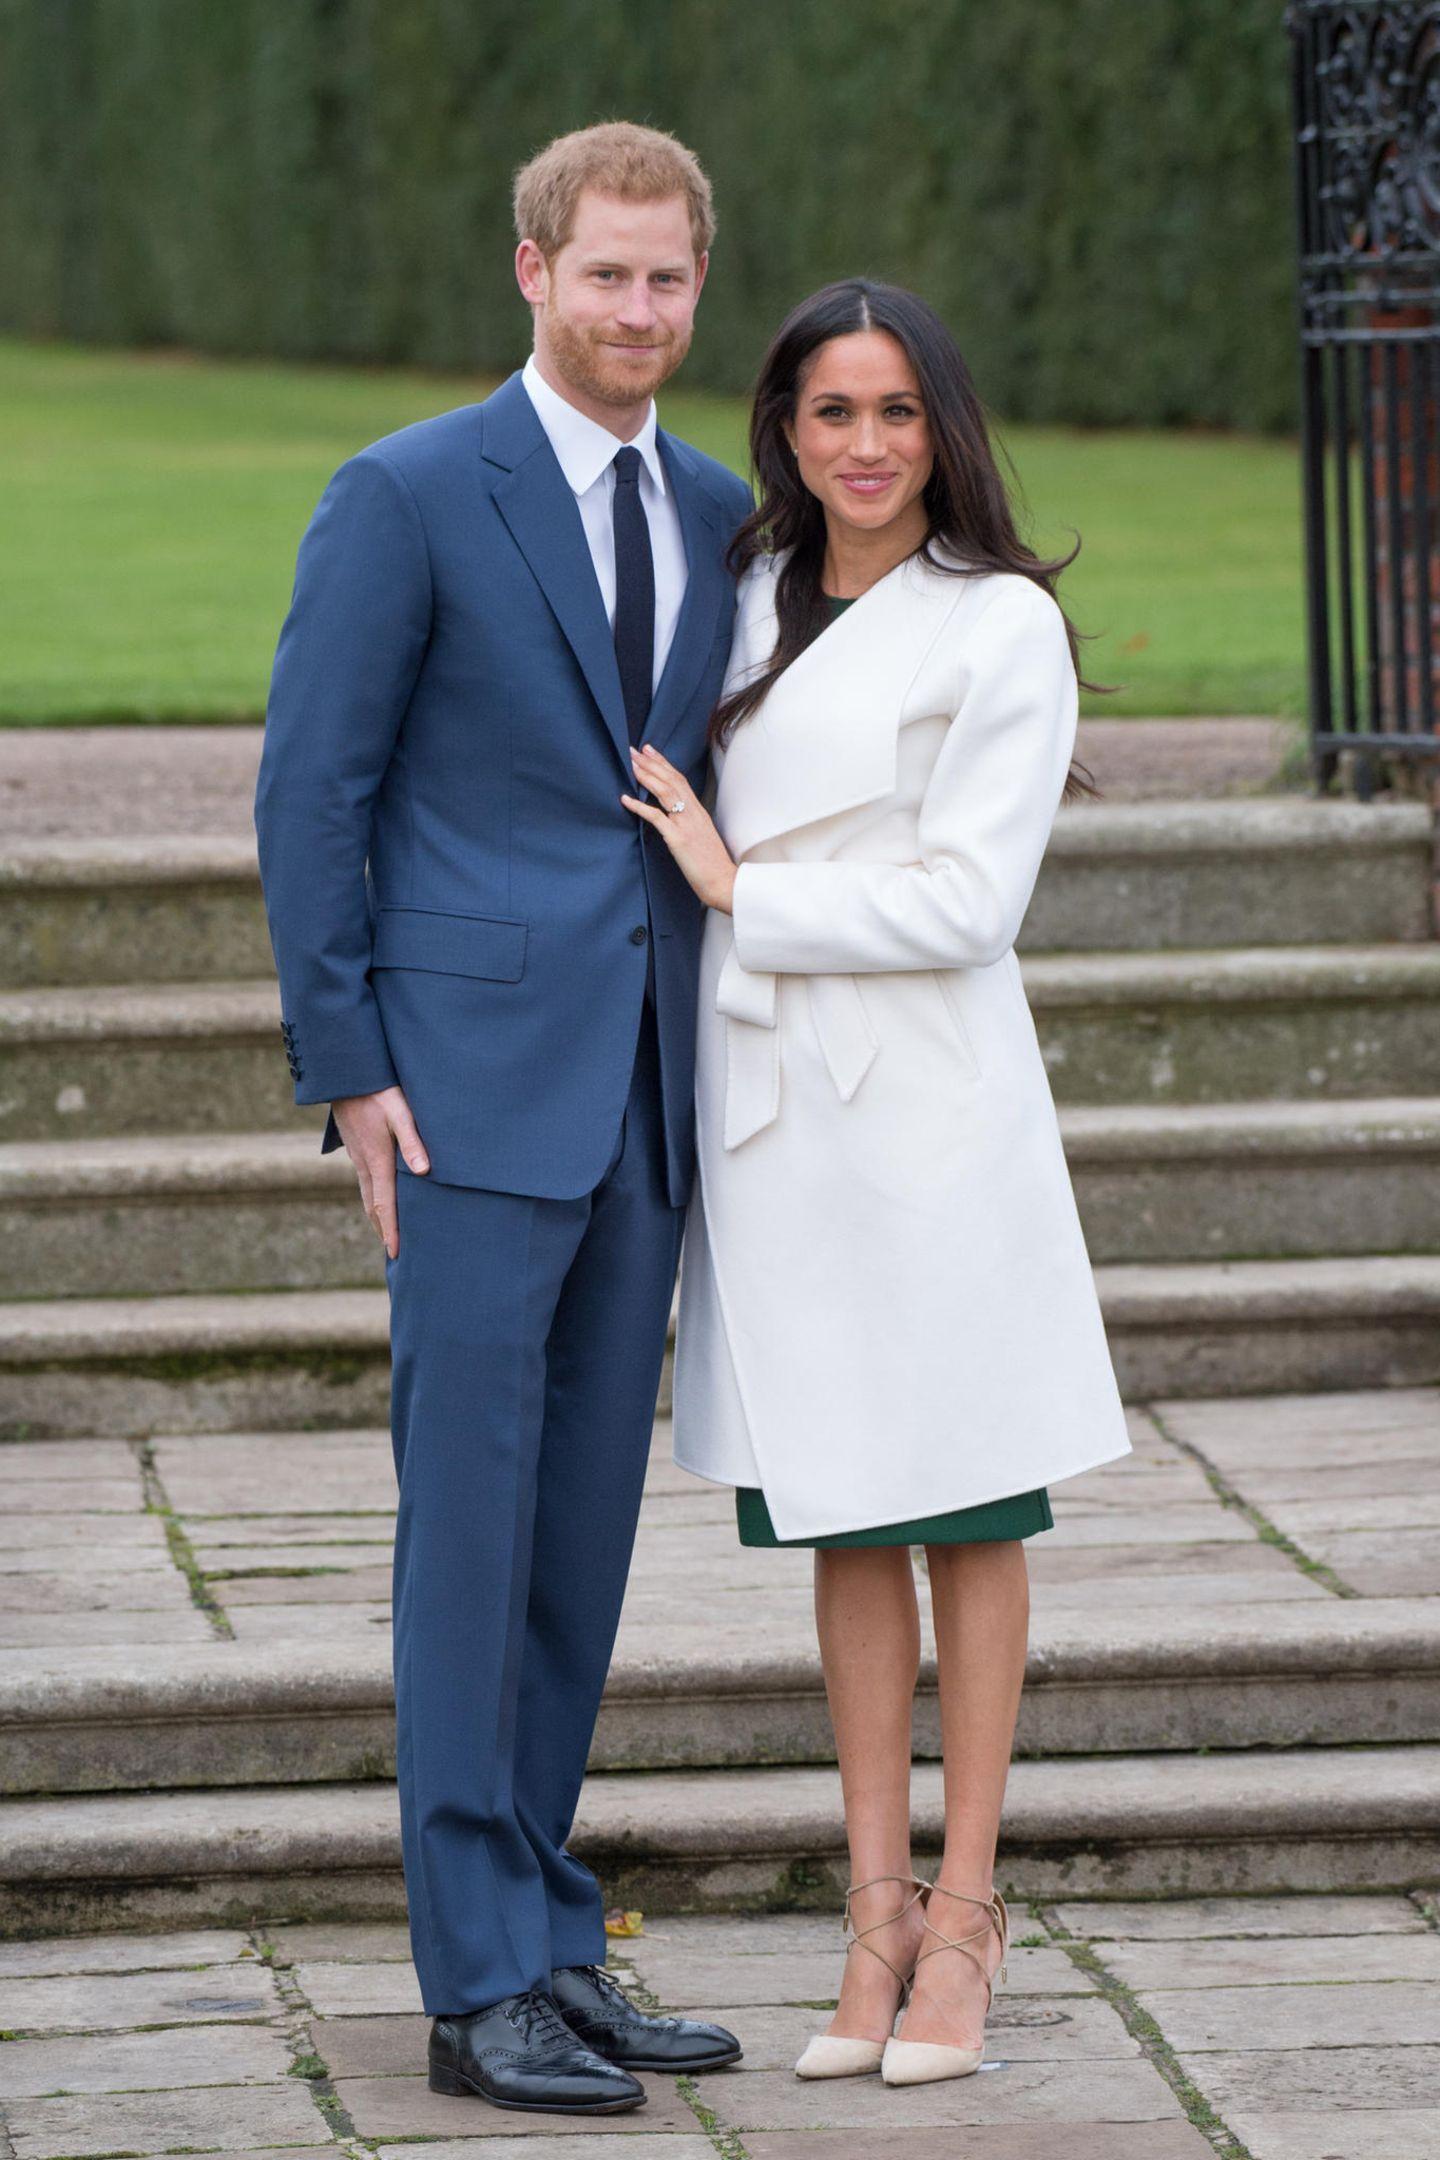 Bei der offiziellen Bekanntgabe ihrer Verlobung strahlte Meghan Markle in dem smaragdgrünen Etuikleid von P.A.R.O.S.H. Das Outfit löste damals einen riesigen Hype aus, das Kleid war umgehend vergriffen.